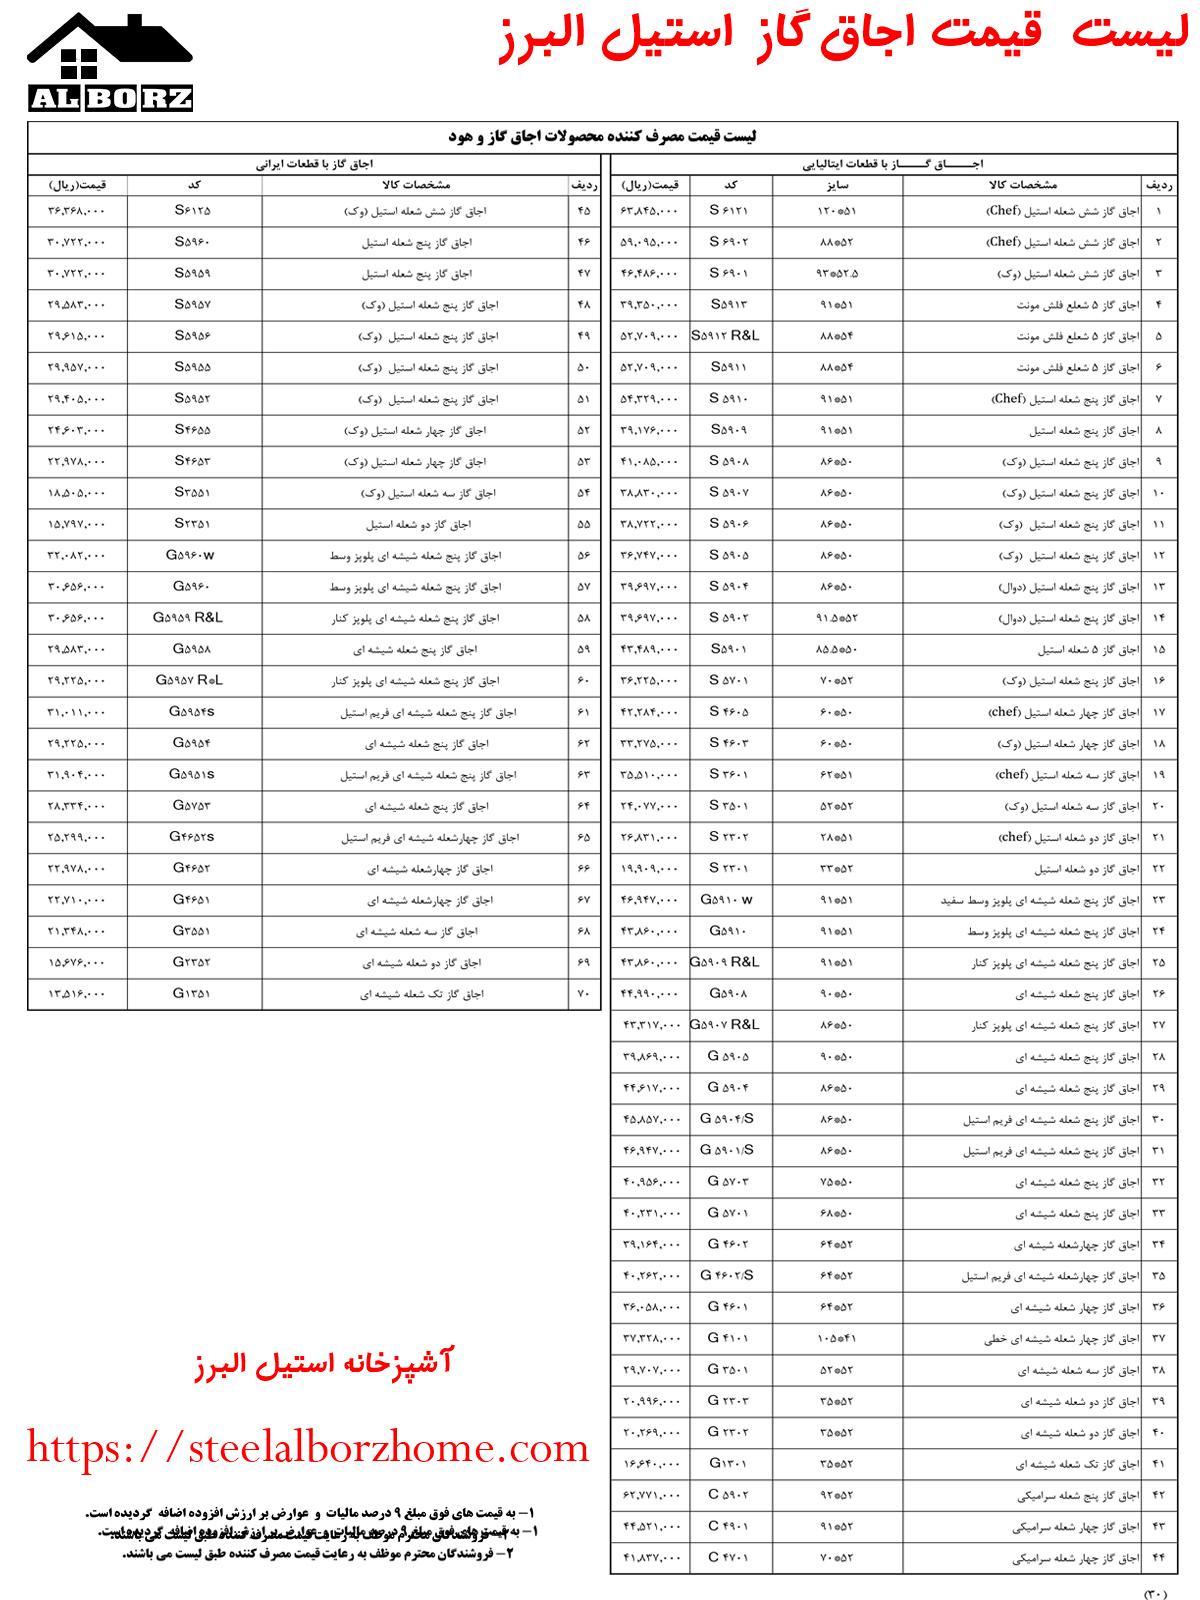 آخرین لیست قیمت استیل البرز